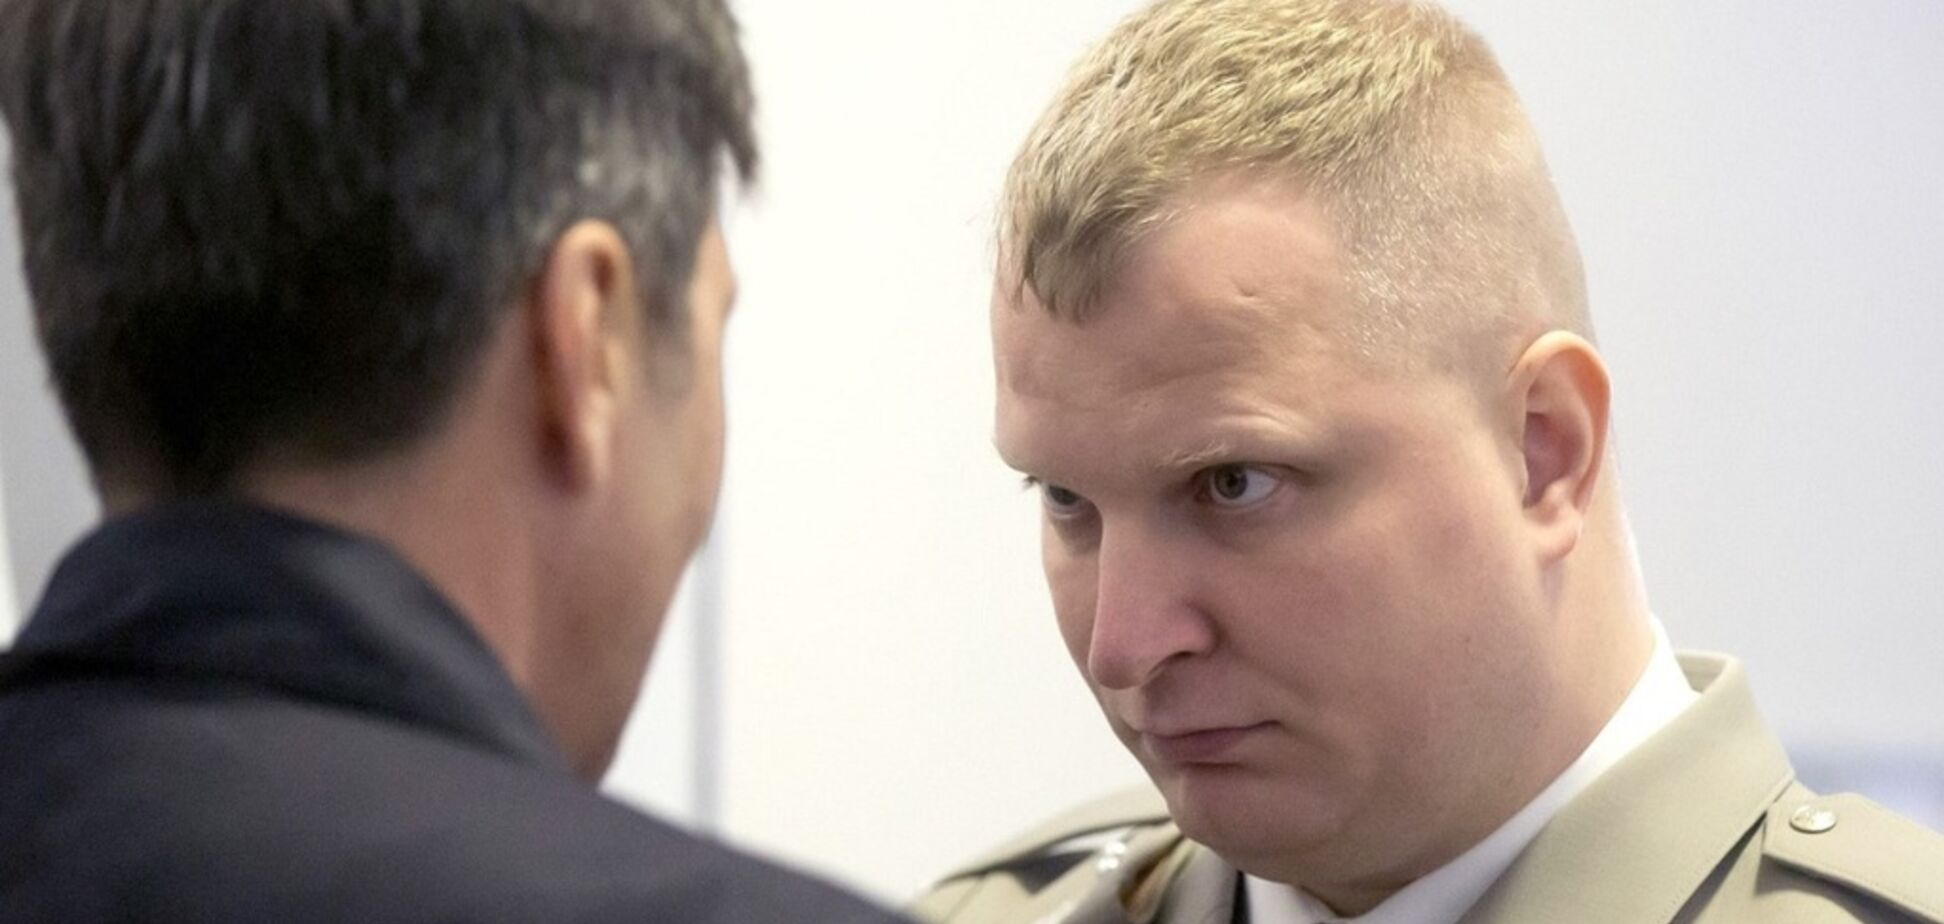 До пожизненного заключения: в Чехии вынесут приговор наемнику 'Л/ДНР'